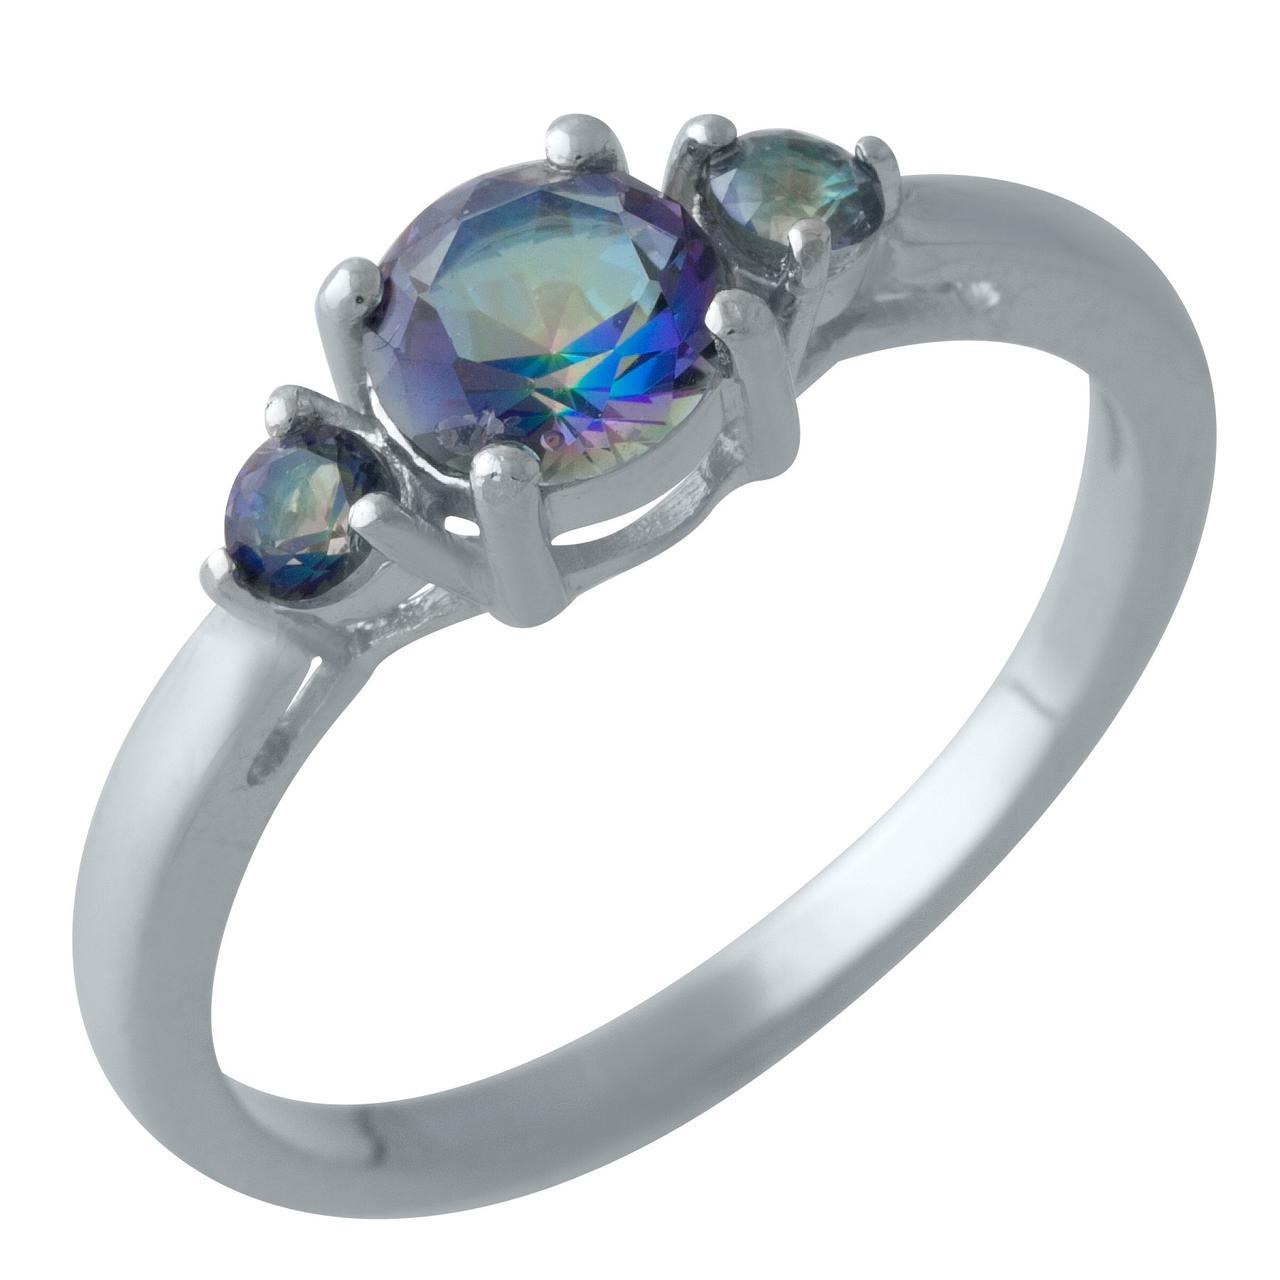 Серебряное кольцо DreamJewelry с натуральным мистик топазом (2005001) 18 размер